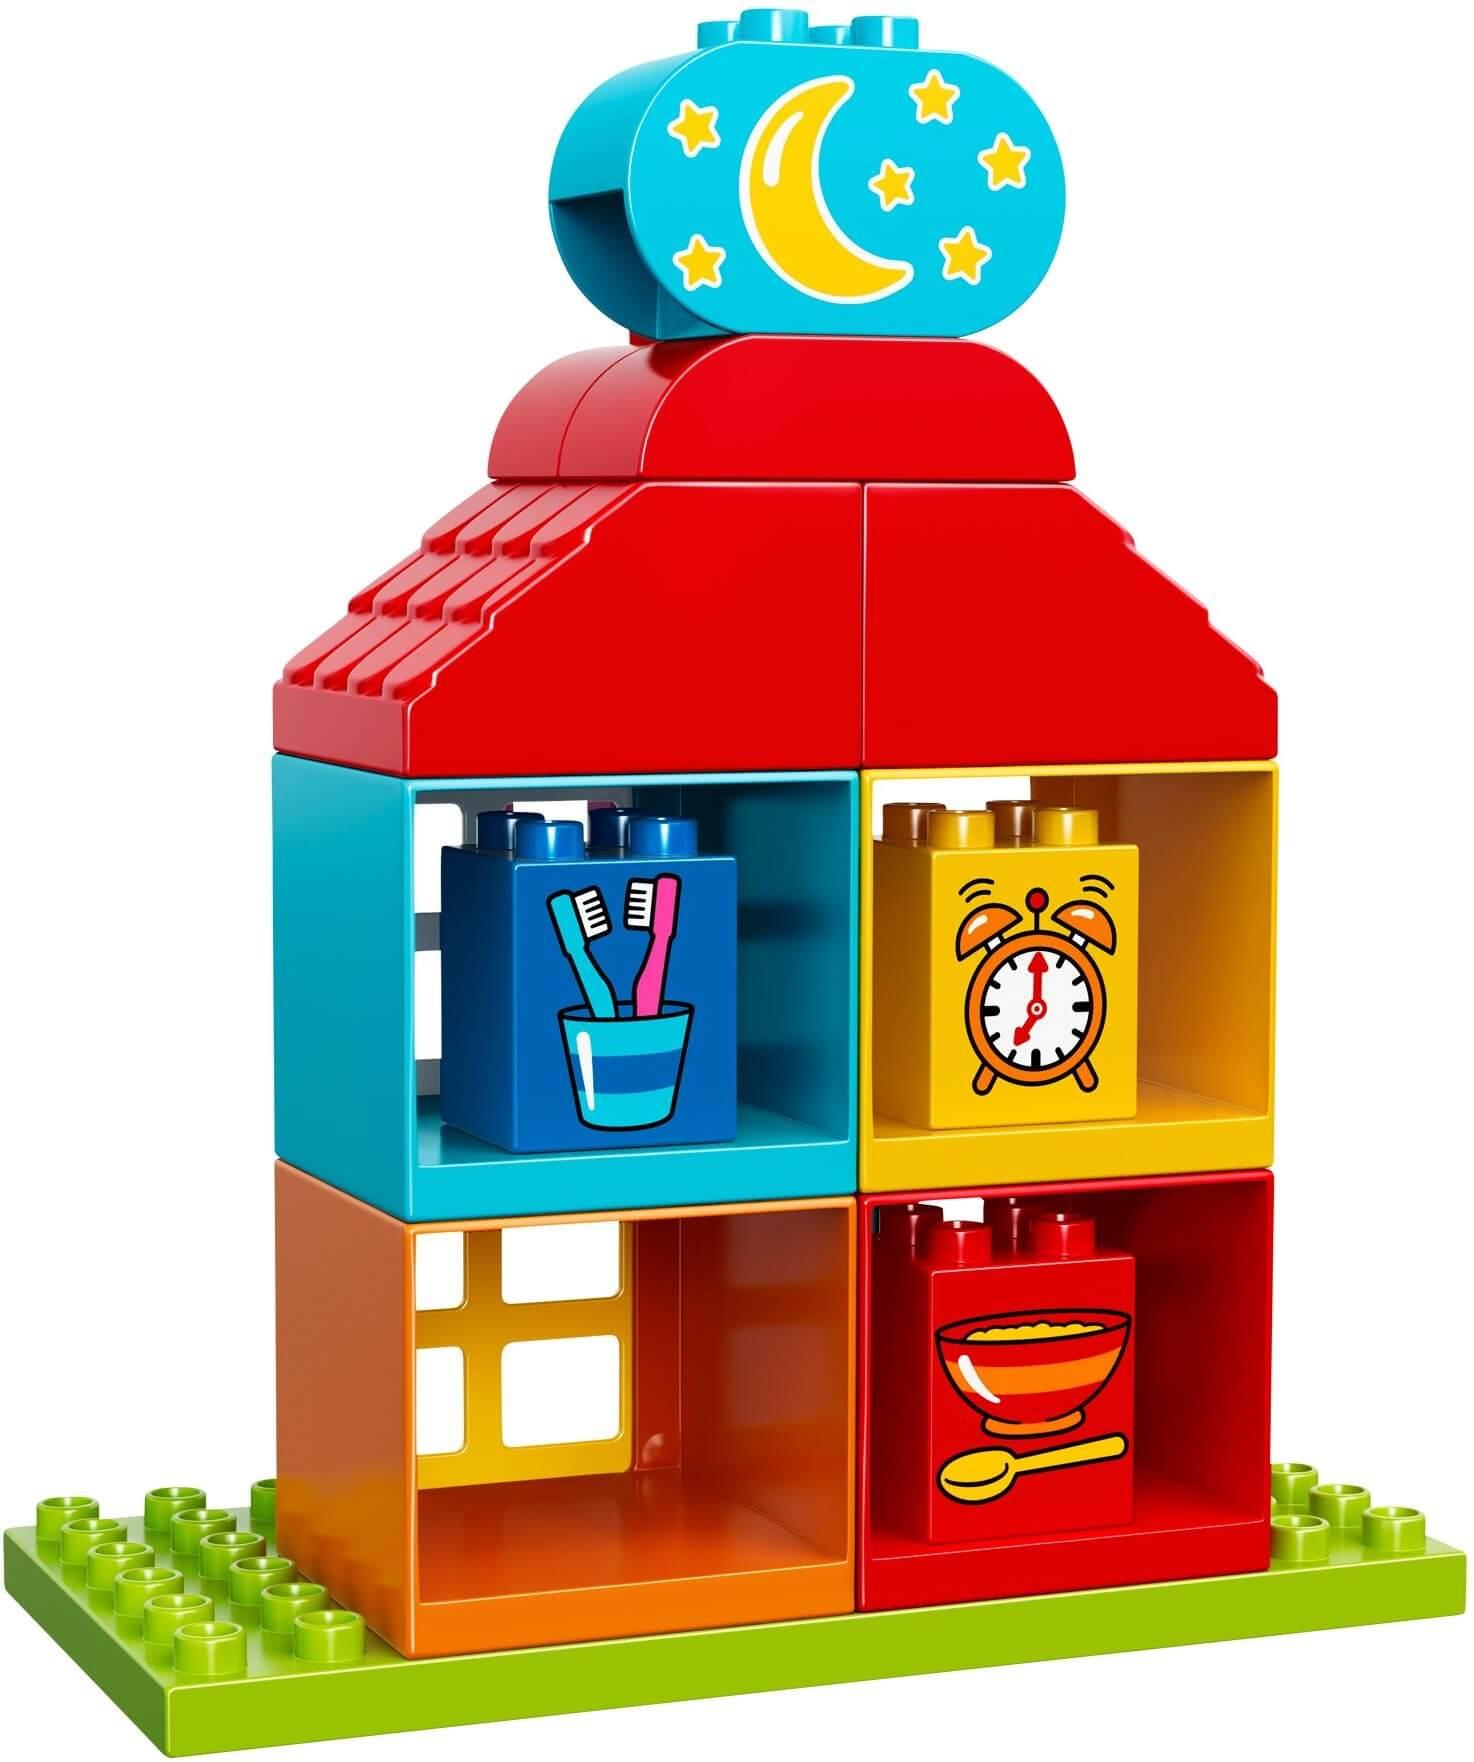 Mua đồ chơi LEGO 10616 - LEGO DUPLO 10616 - Ngôi nhà vui chơi của Bé (LEGO DUPLO My First Playhouse 10616)